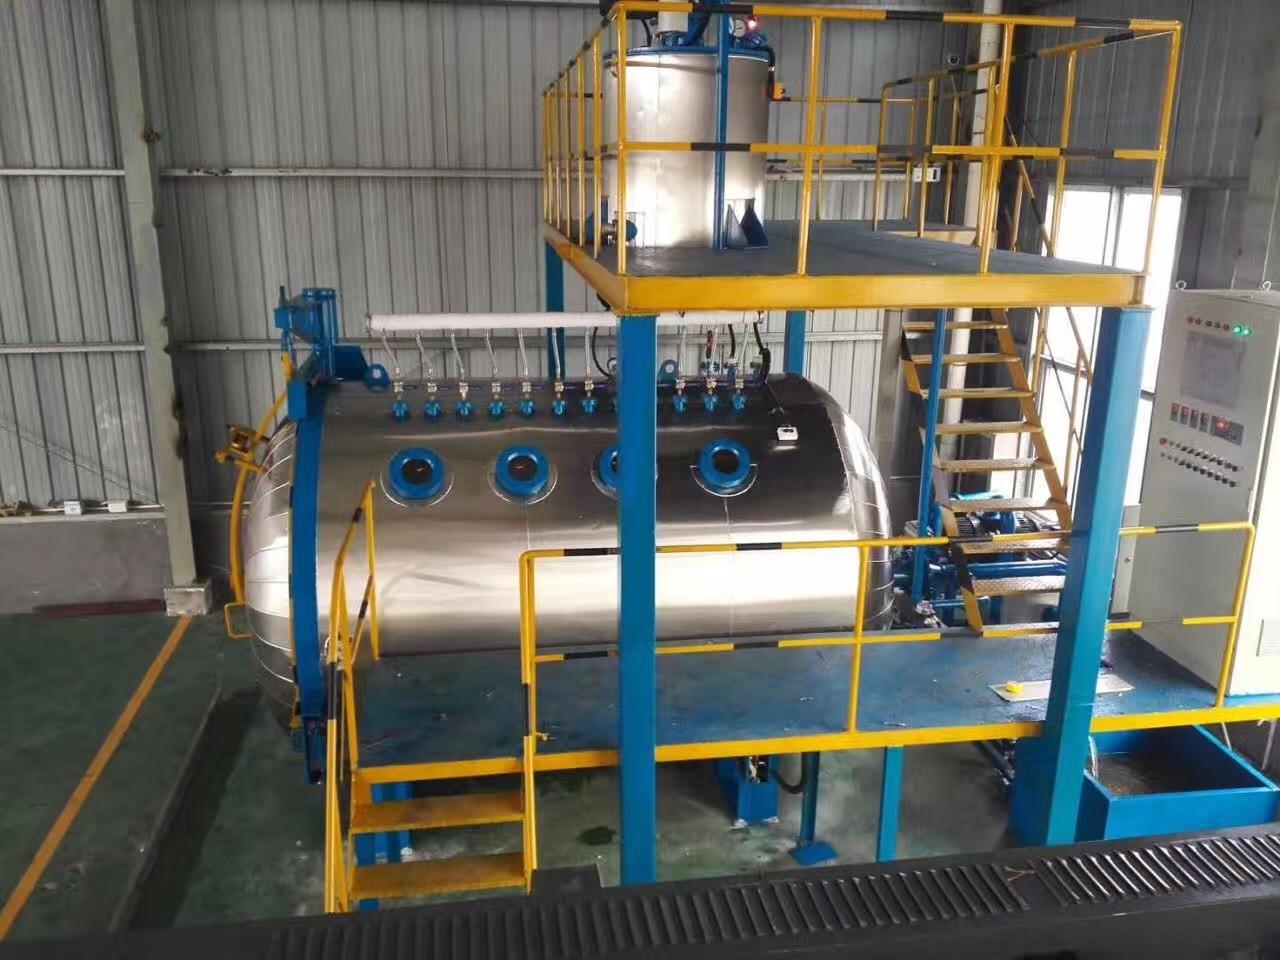 Epoxy Resin Vacuum Pressure Casting Equipment Manufacturers, Epoxy Resin Vacuum Pressure Casting Equipment Factory, Supply Epoxy Resin Vacuum Pressure Casting Equipment